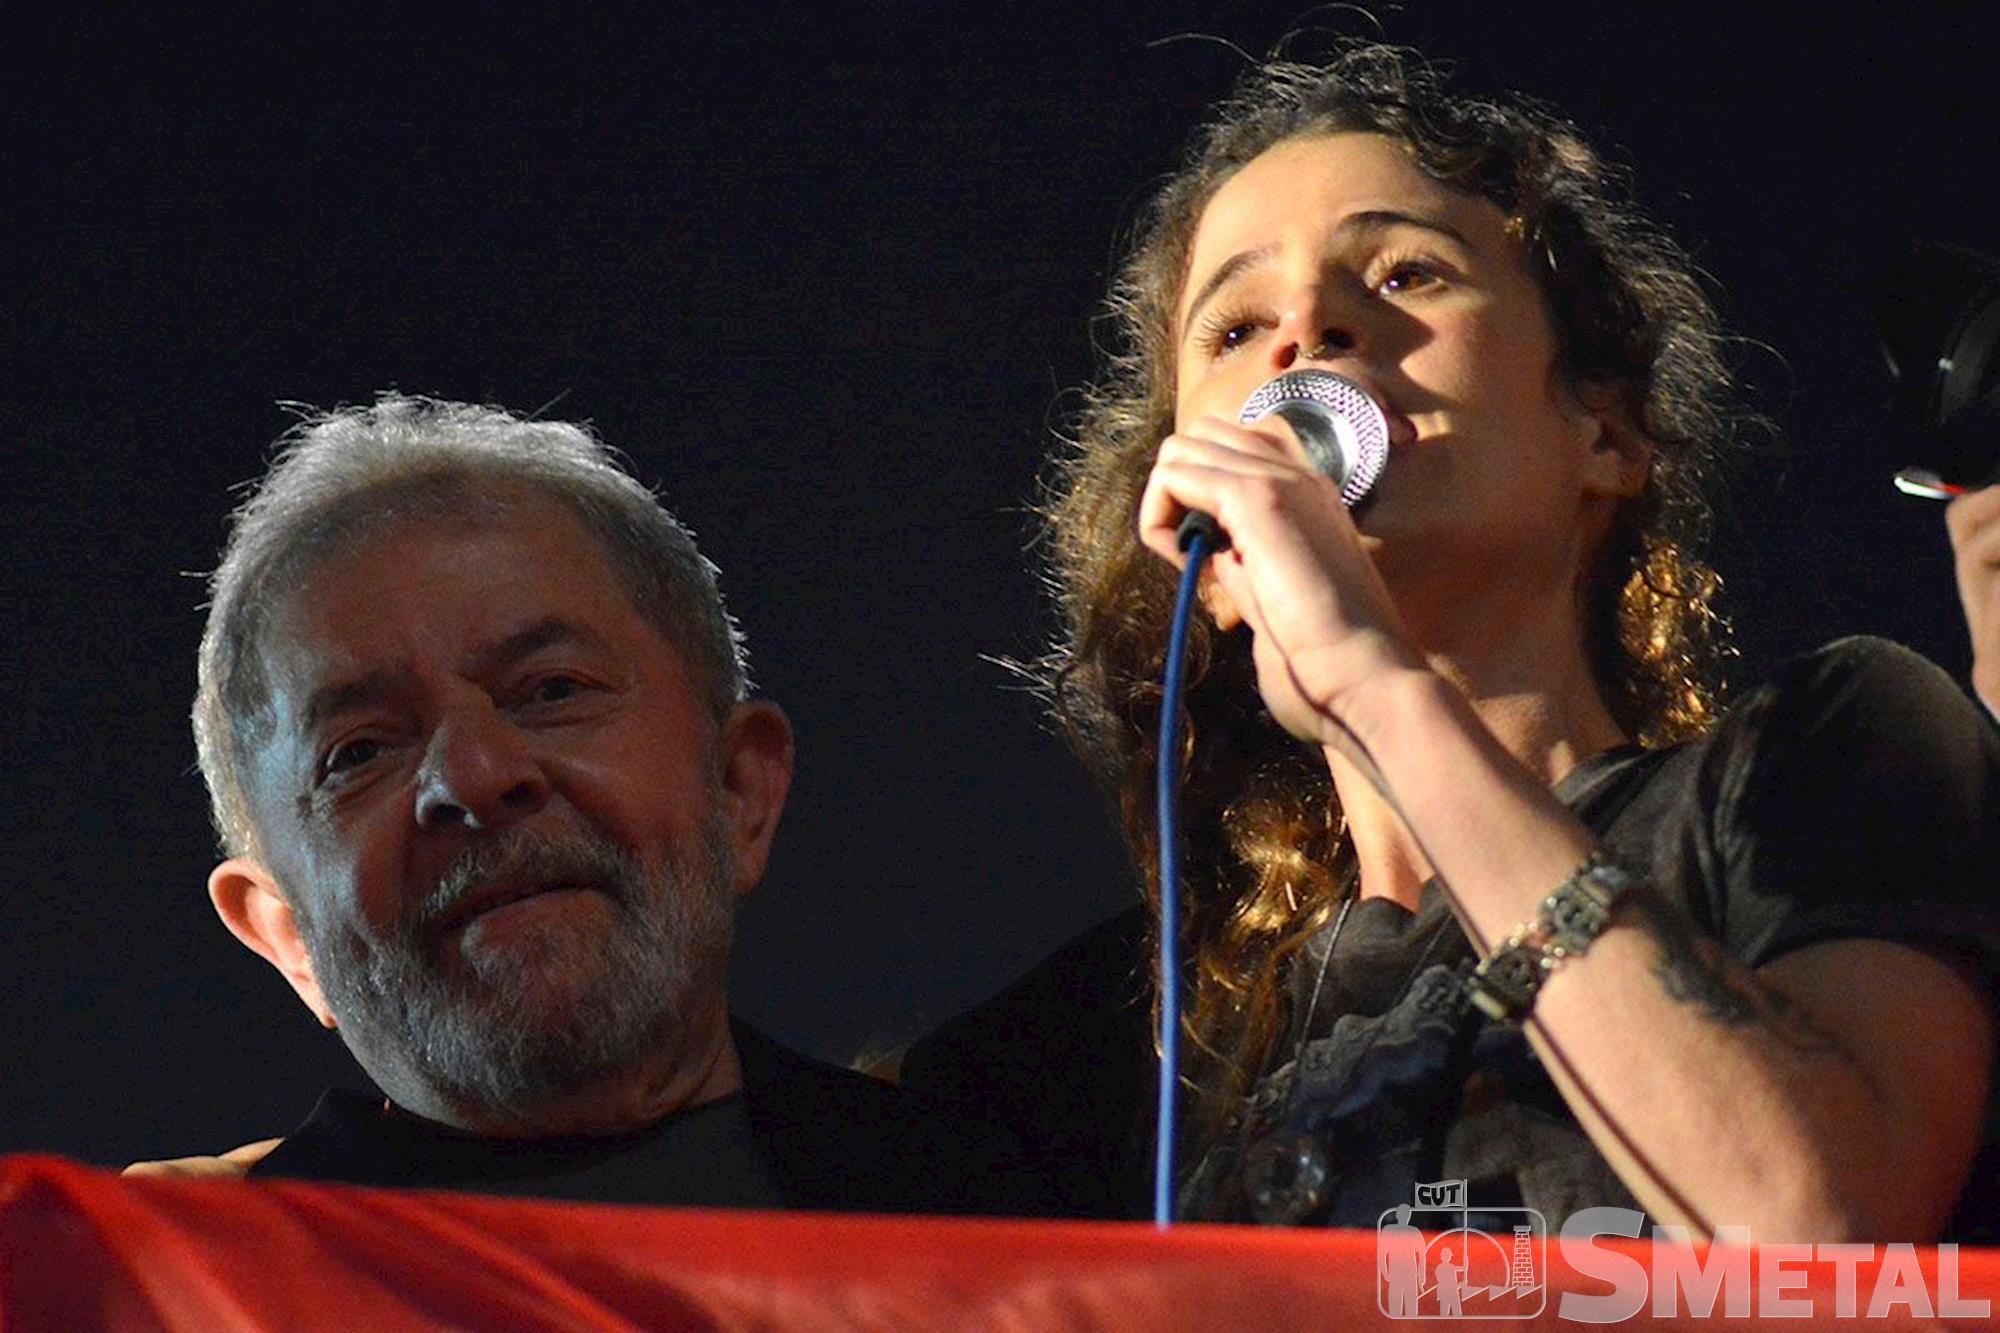 Ato em defesa da democracia e direitos na Avenida Paulista,  em 20 de julho de 2017., Foguinho/Imprensa SMetal, Manifestação na Paulista defende a democracia e direitos